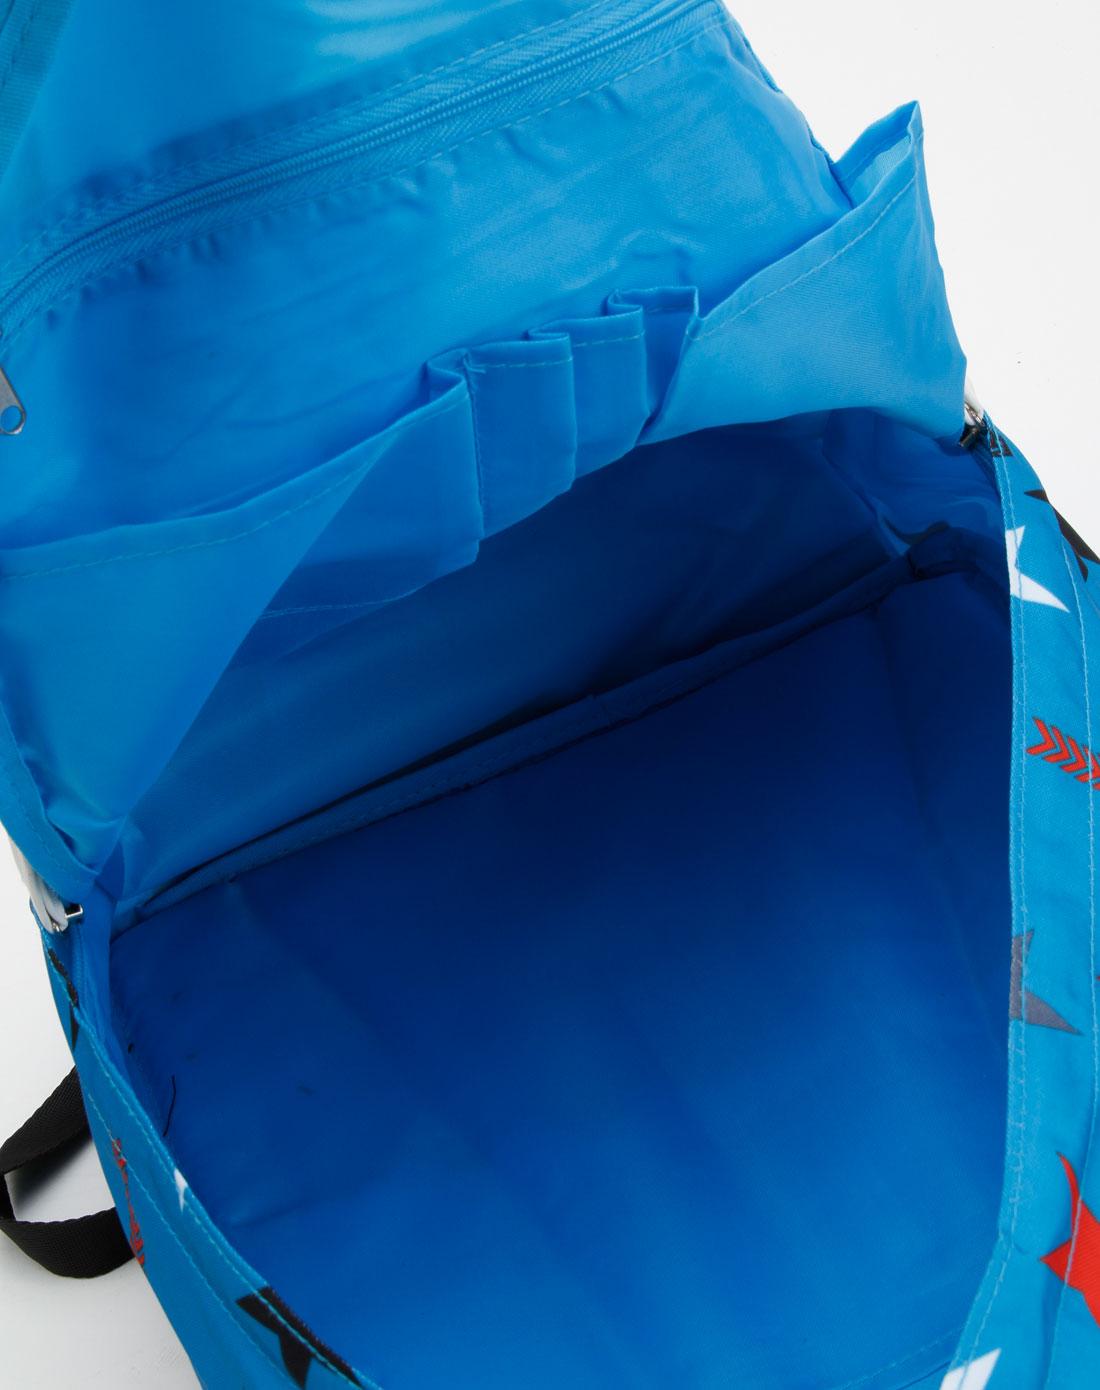 美特斯邦威-女装专场蓝色星星印花休闲背包图片